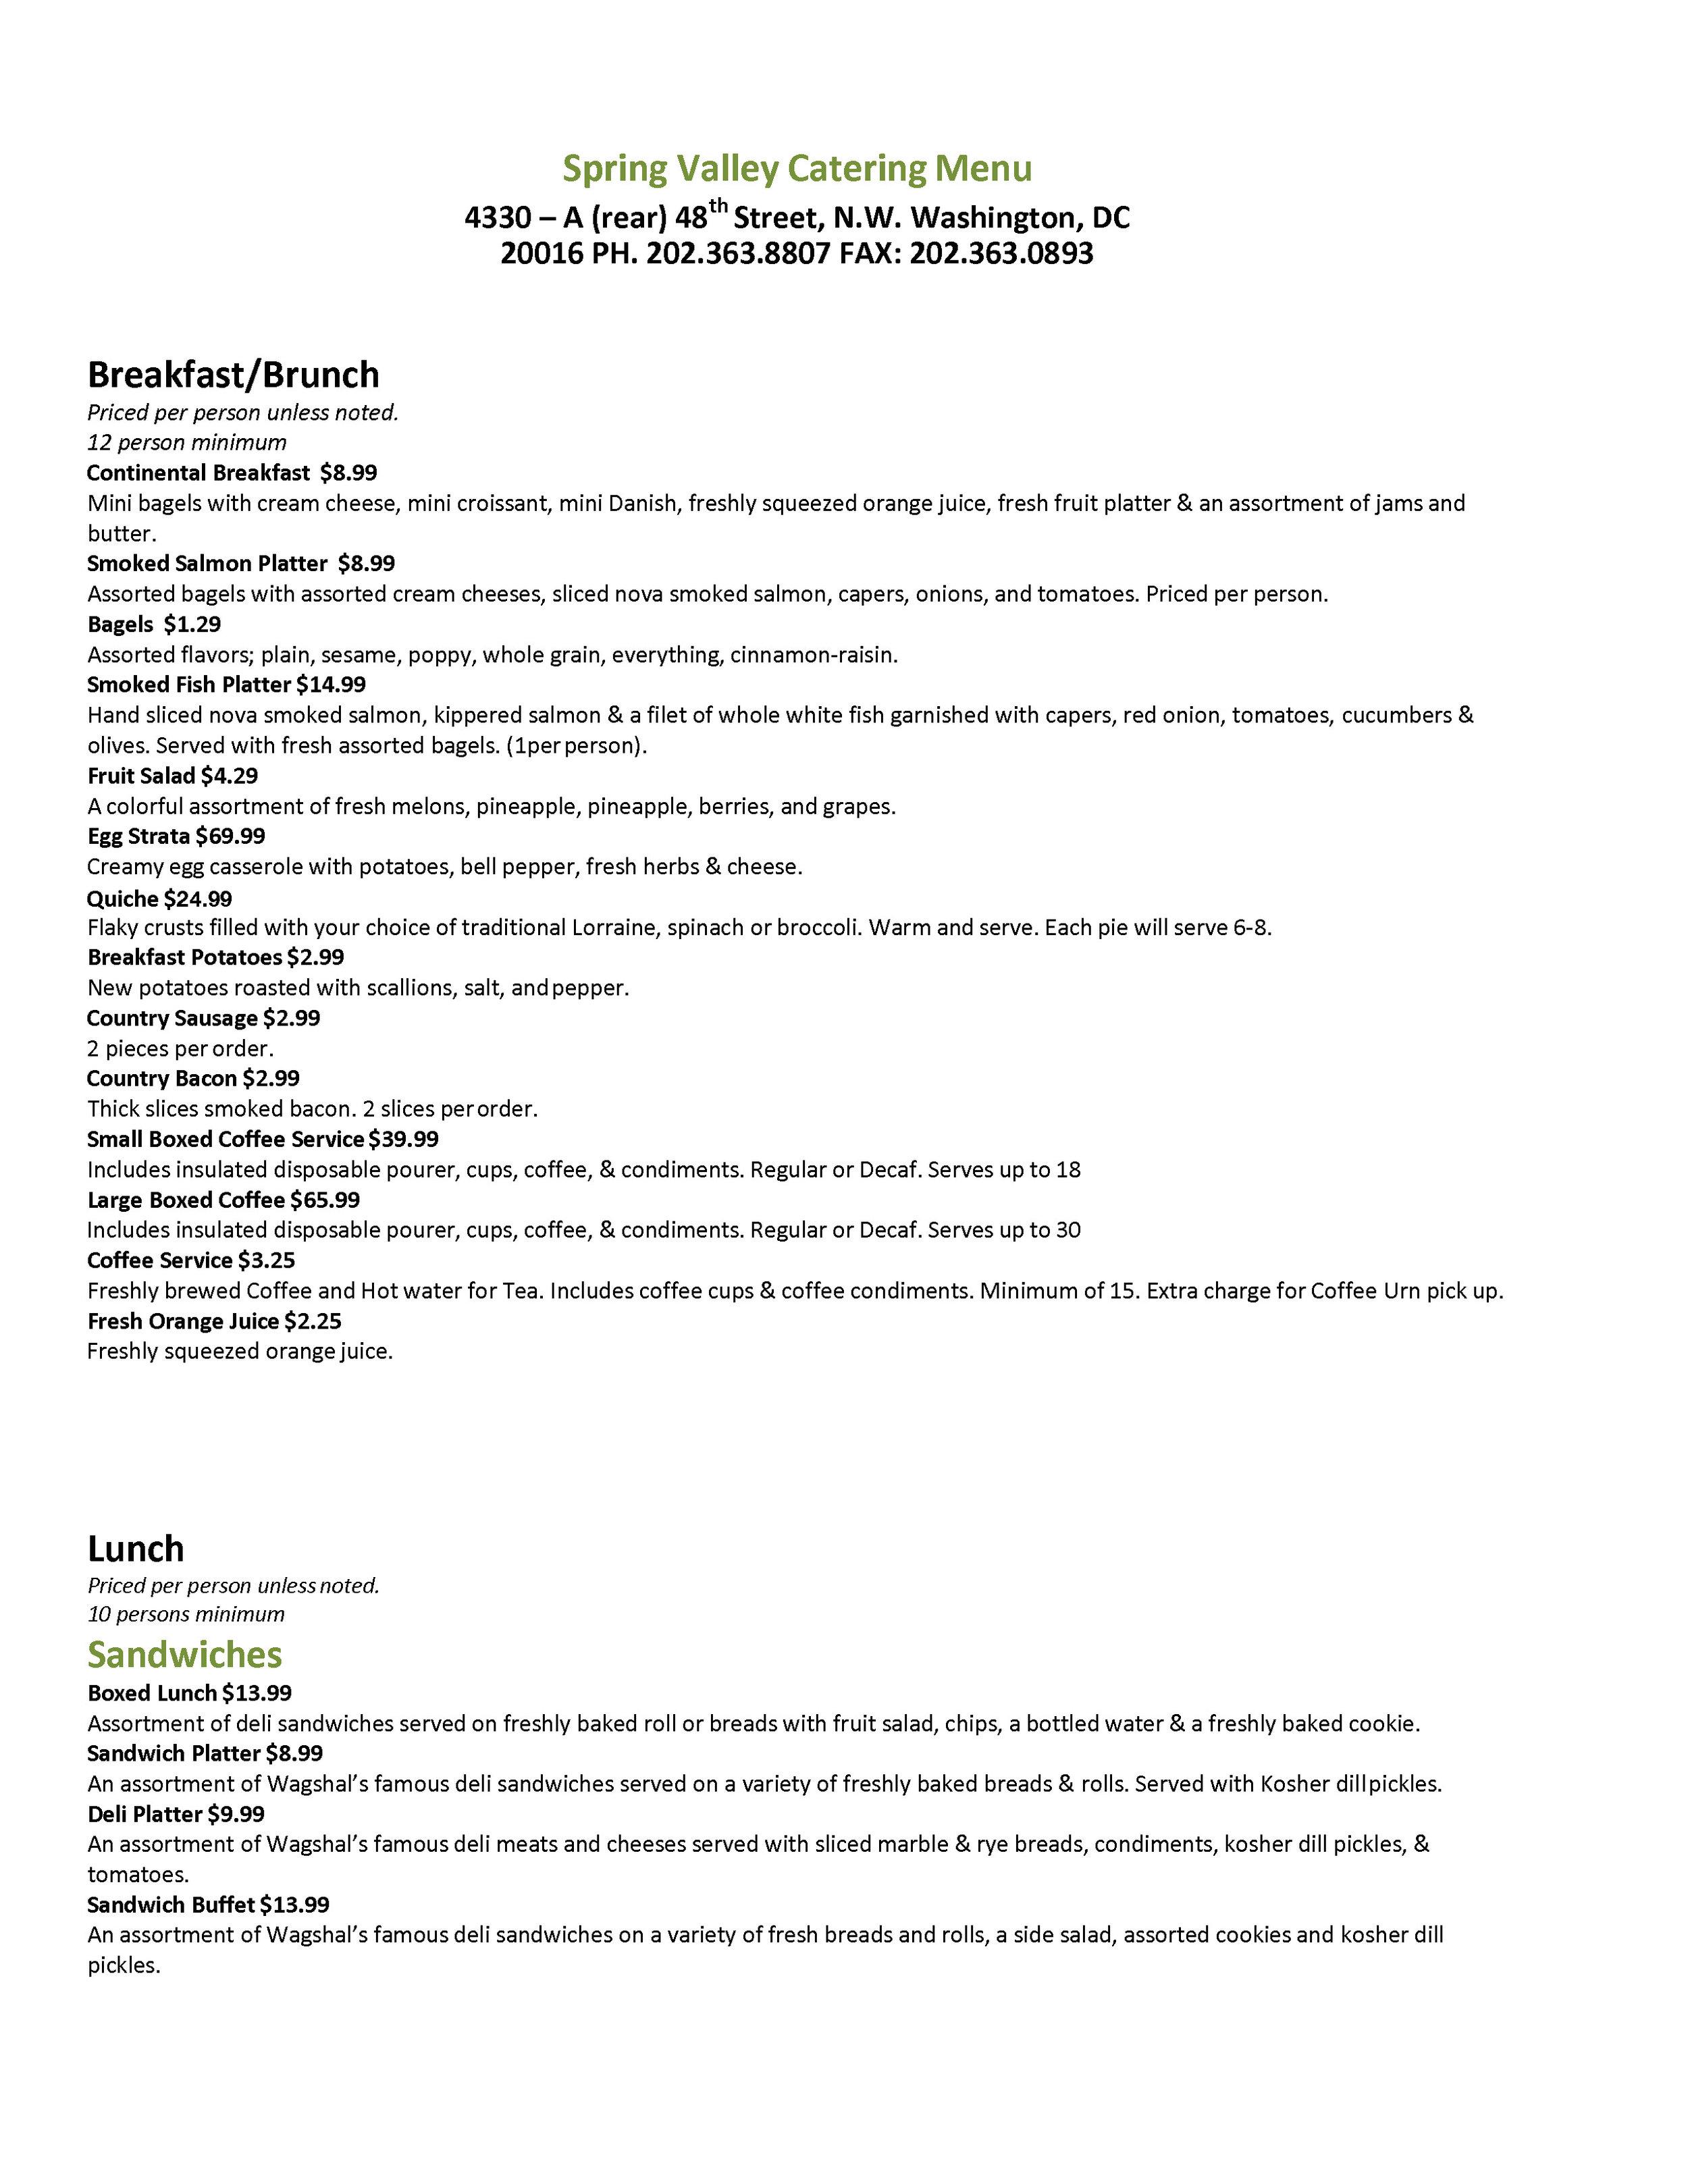 SpringValley Catering Menu_Page_1.jpg